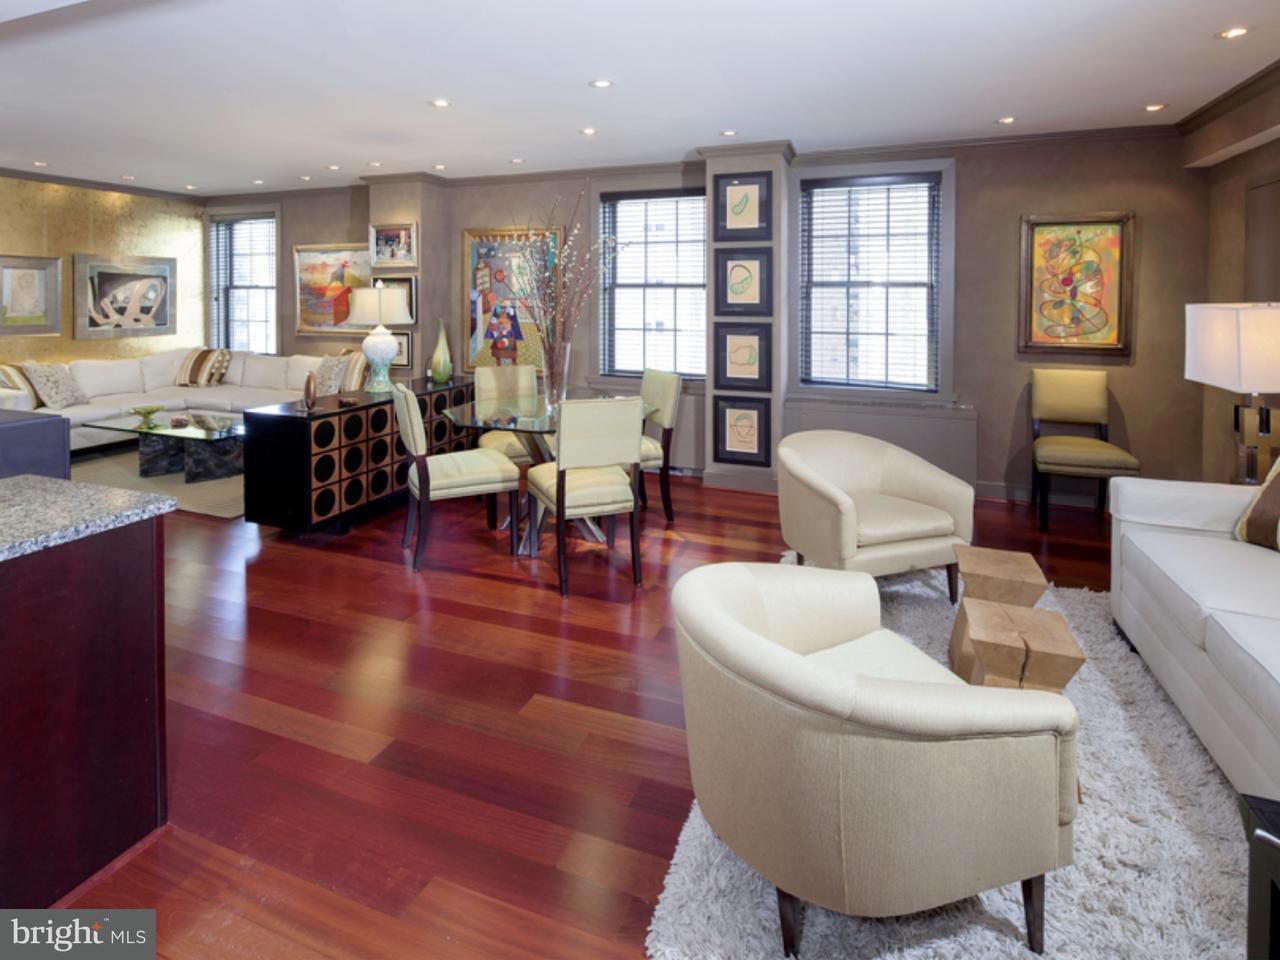 Maison unifamiliale pour l Vente à 219 S 18TH ST #1410 Philadelphia, Pennsylvanie 19103 États-Unis